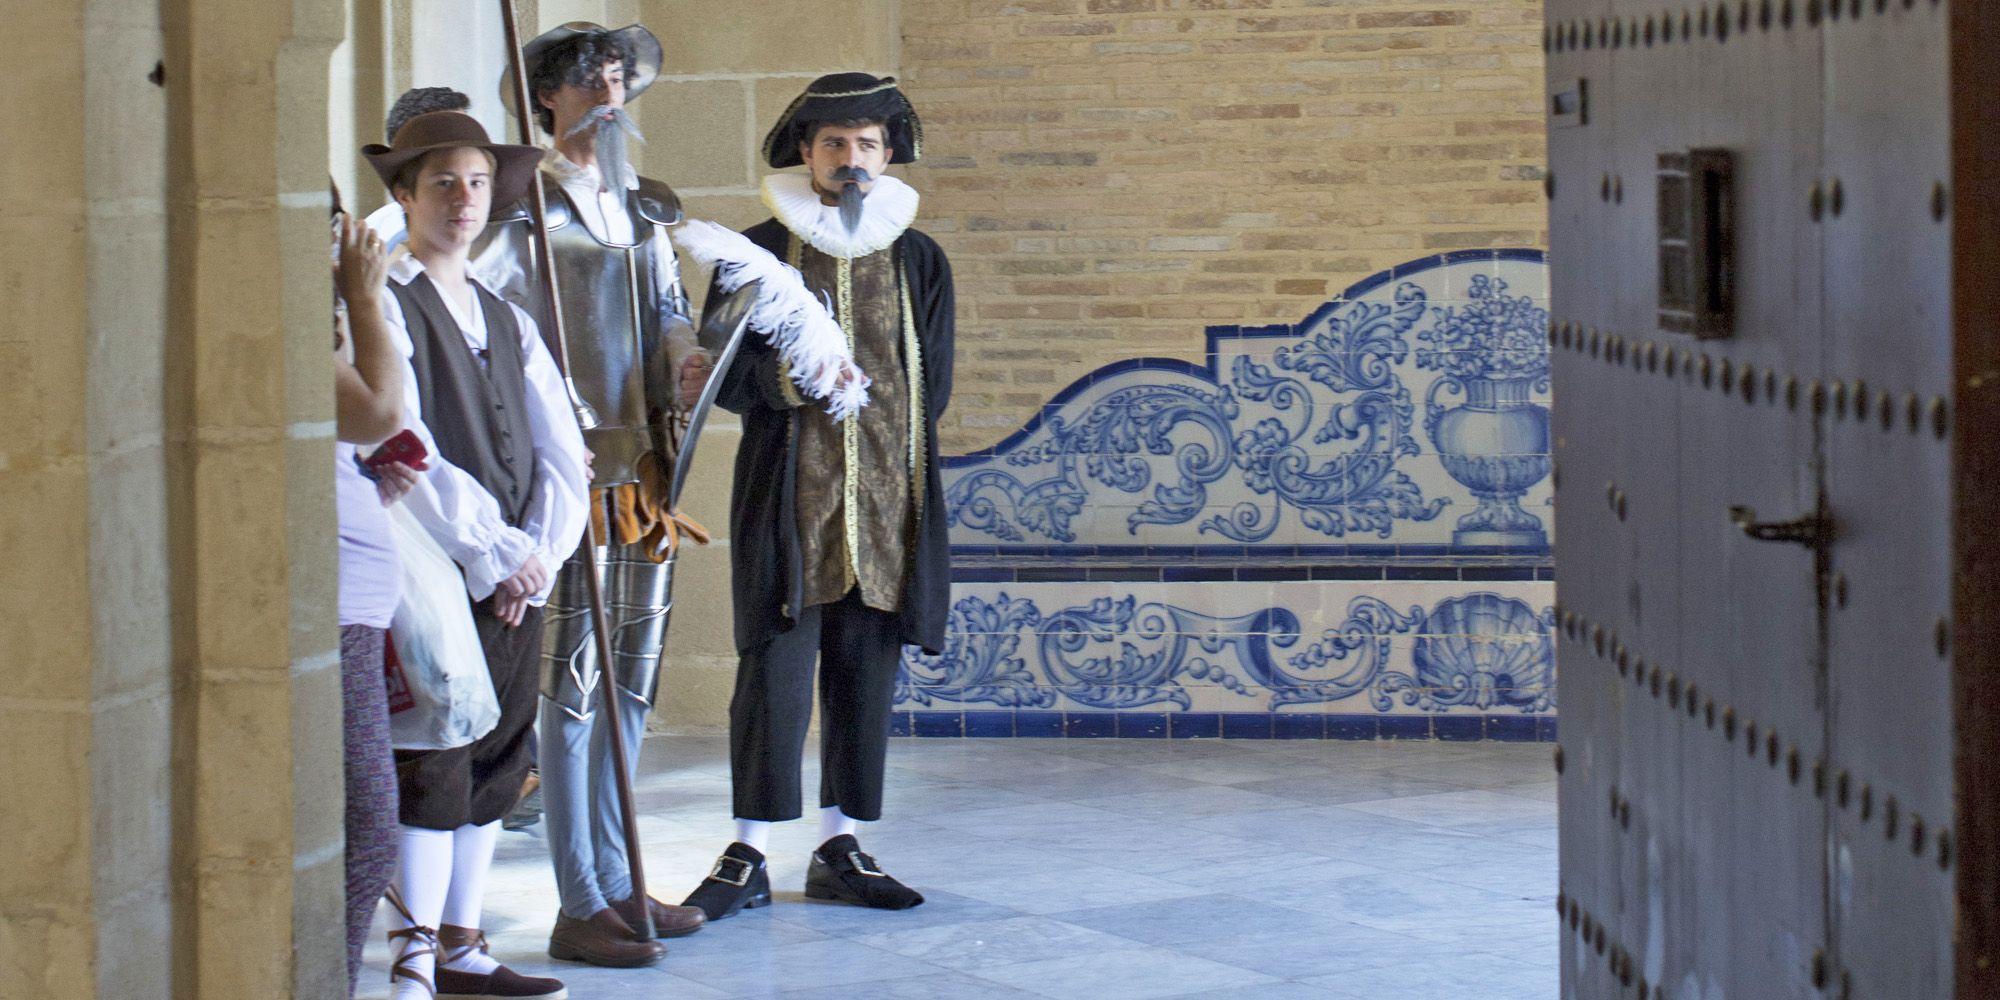 Inauguración de la Feria del Libro de Jerez 2016 | Juan Carlos Corchado para MIRA Jerez